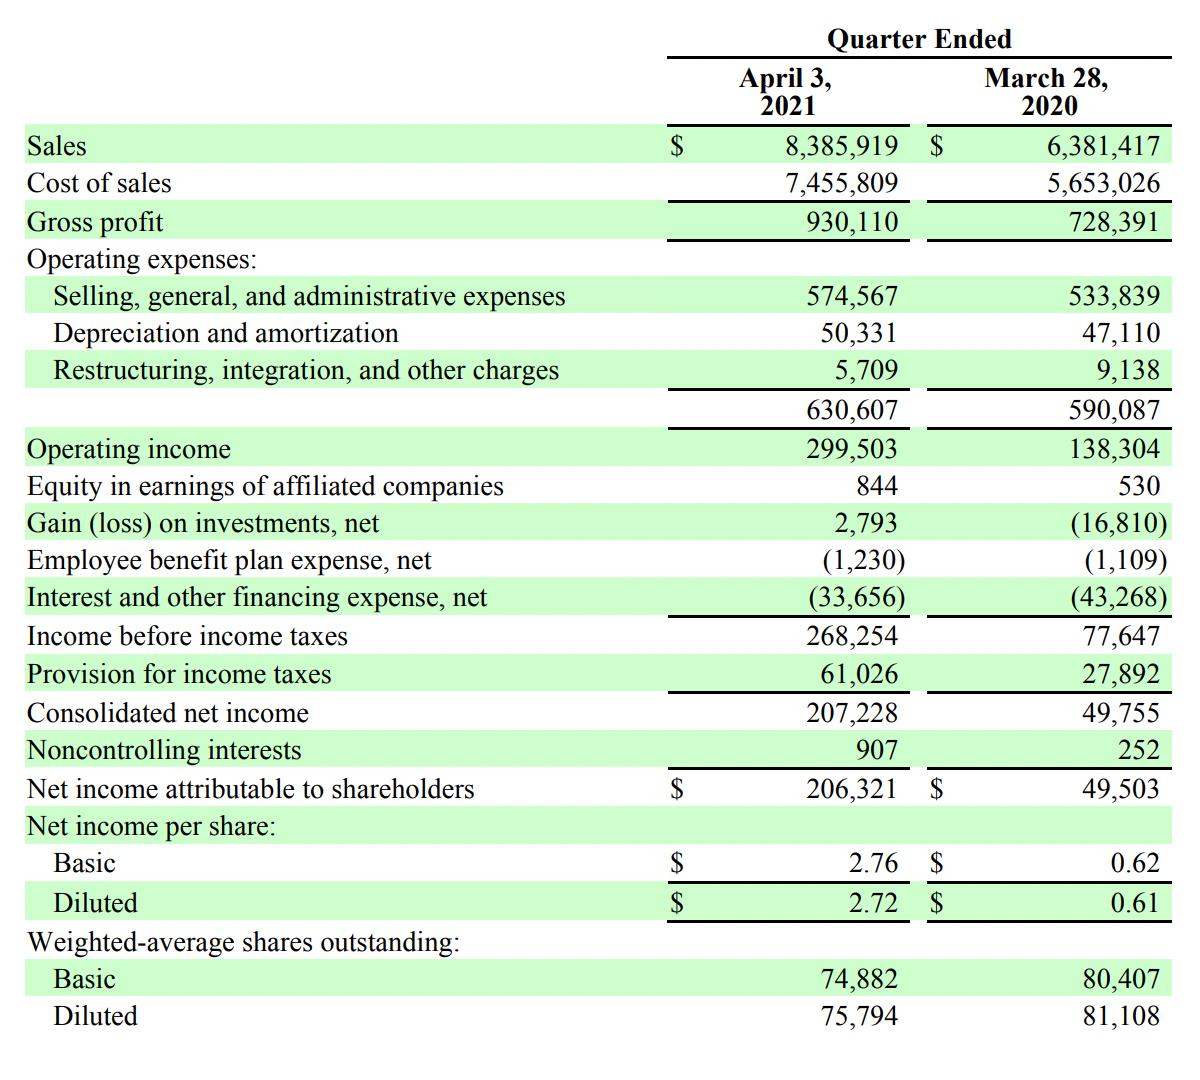 Квартальный результат компании в тысячах долларов. Источник: квартальный отчет компании, стр.3